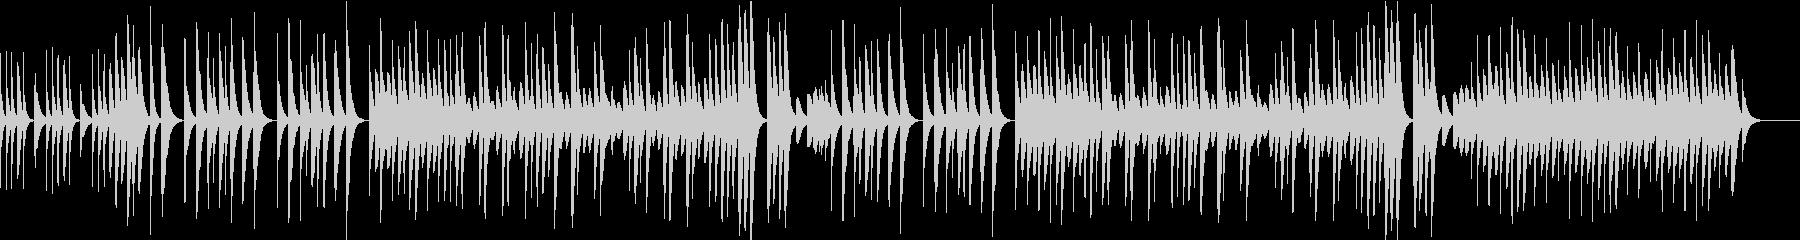 ほのぼのとした木琴のBGMの未再生の波形